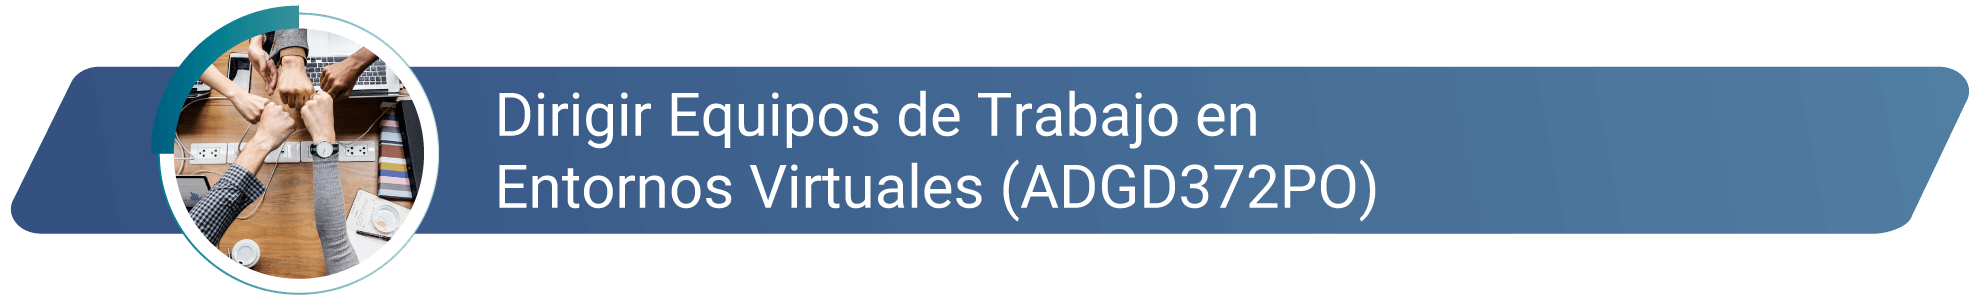 ADGD372PO - Dirigir equipos de trabajo en entornos virtuales